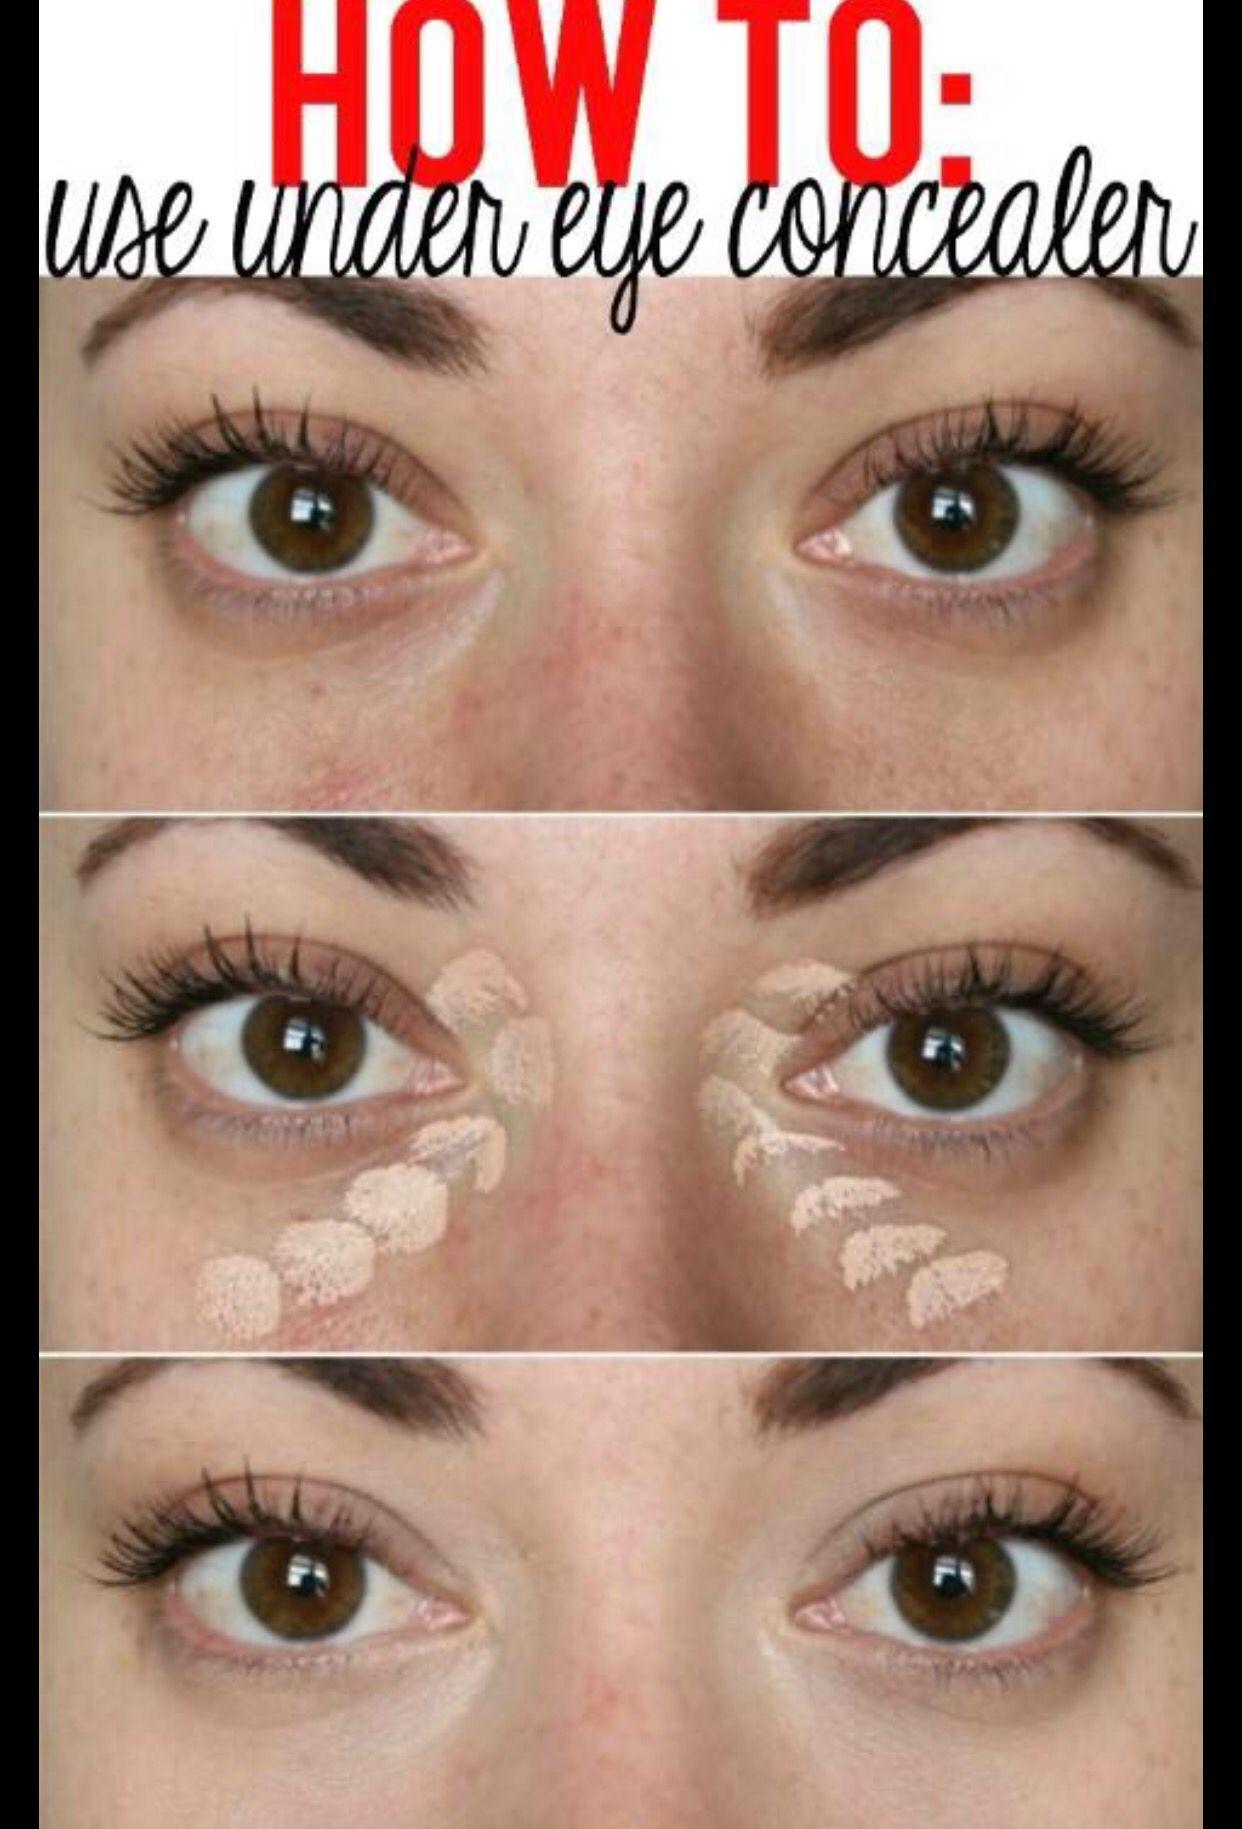 طريقة وضع الكونسيلر الكريمي كونسيلر Concealer Eye عيون Under Eye Makeup Concealer For Dark Circles Eye Concealer